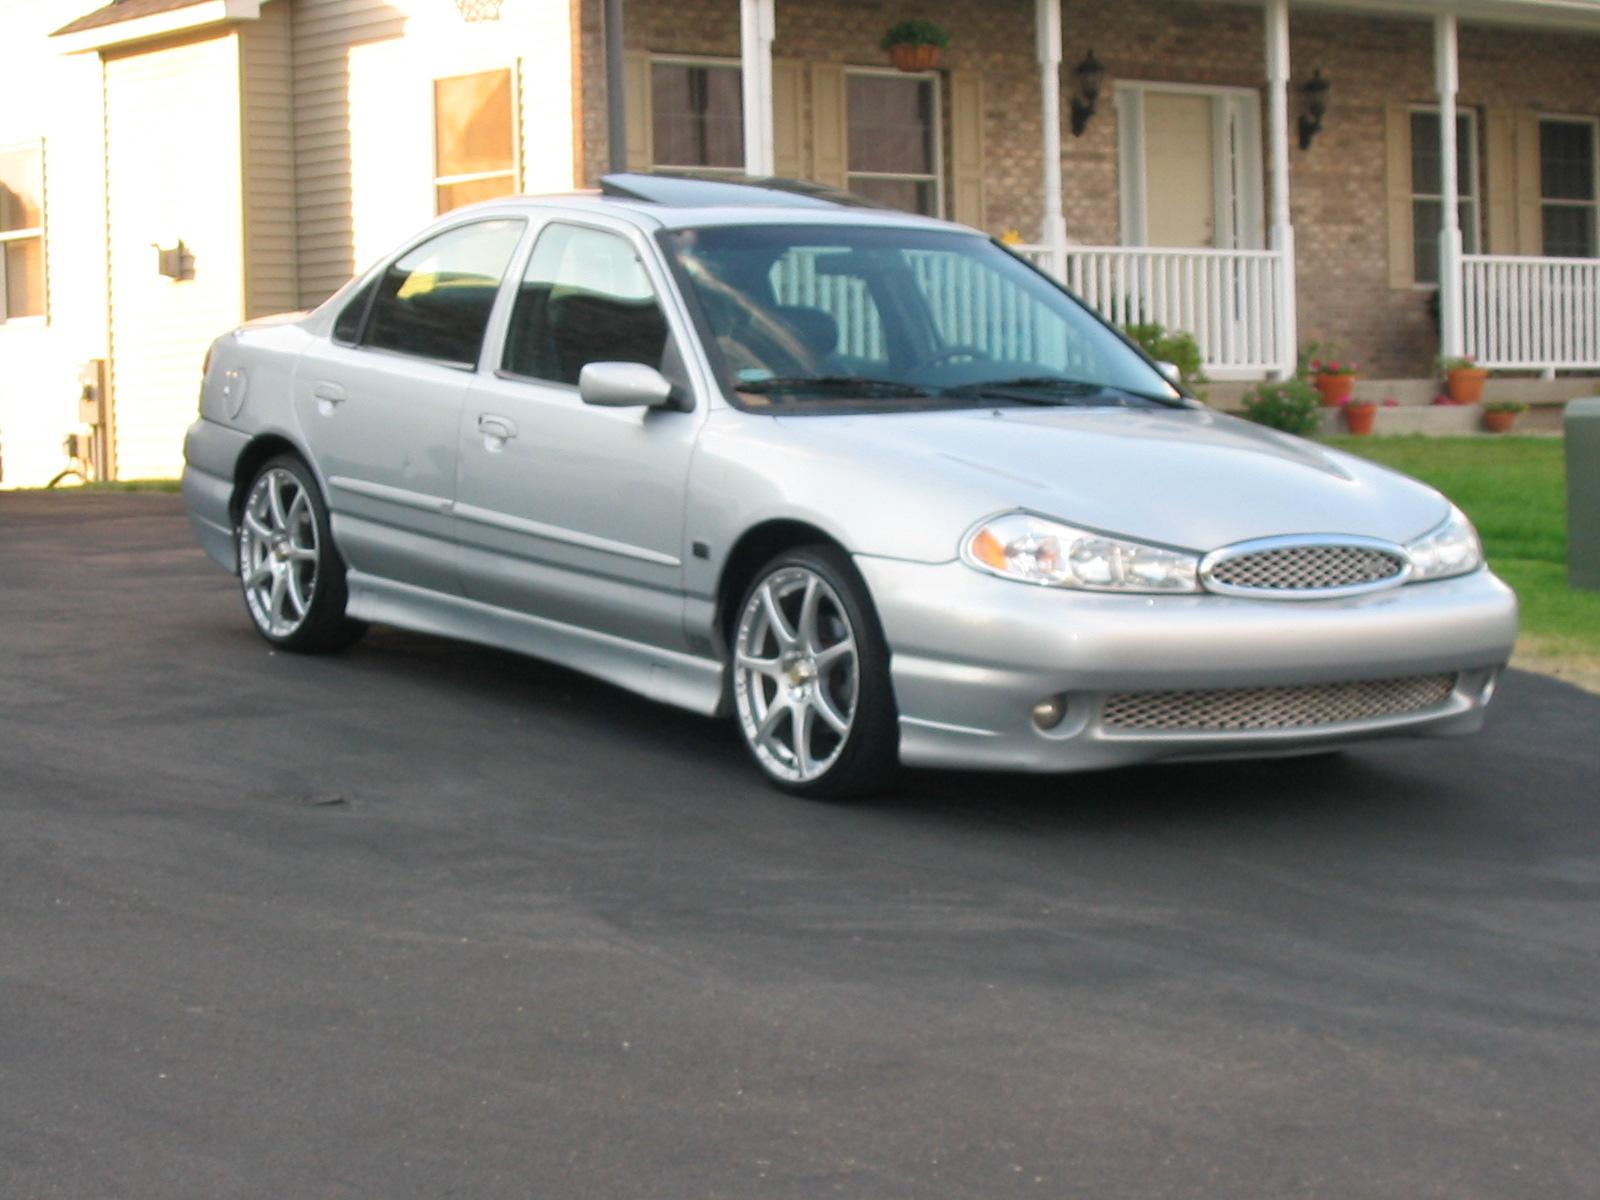 Ford escort svt